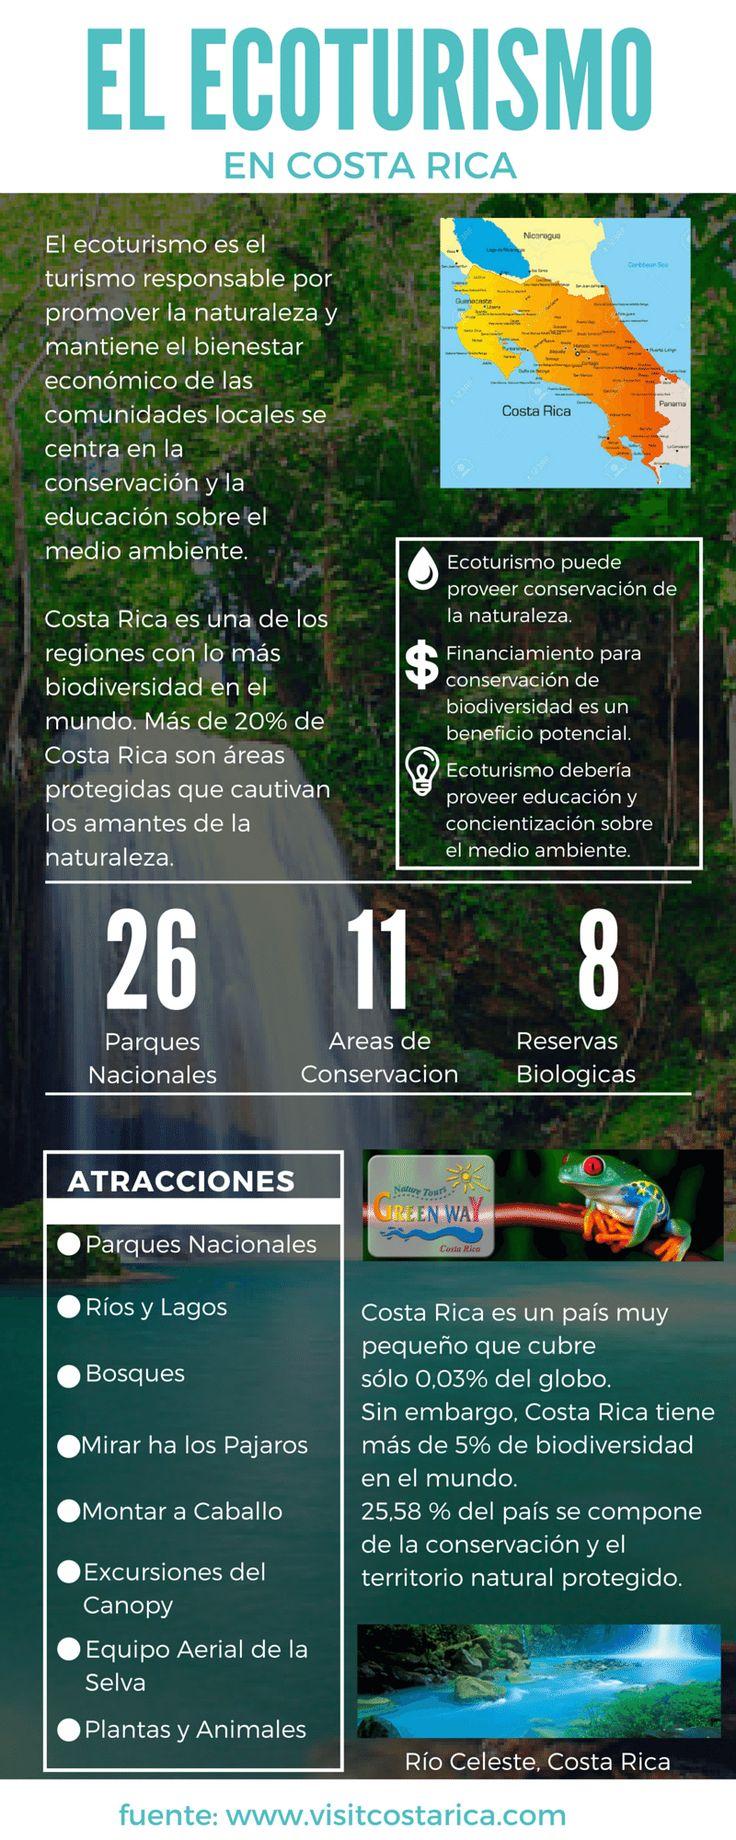 EL ECOTURISMO EN COSTA RICA El ecoturismo es el turismo responsable...